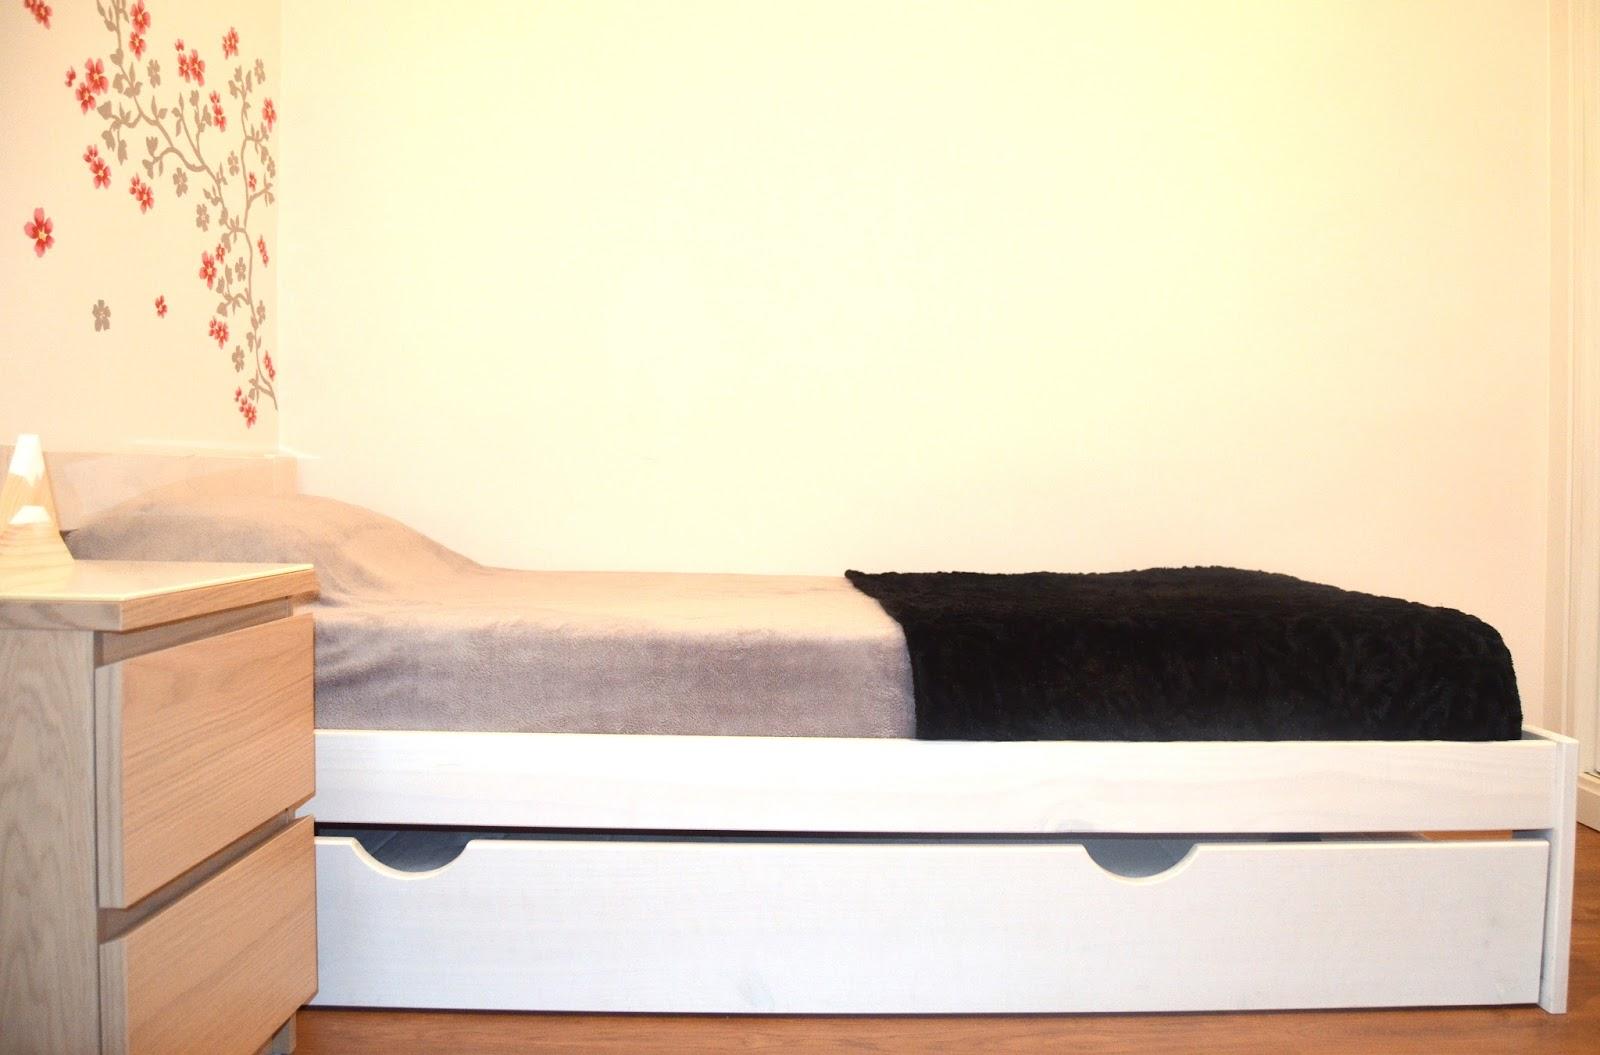 Naifandtastic decoraci n craft hecho a mano - Que es una cama nido ...